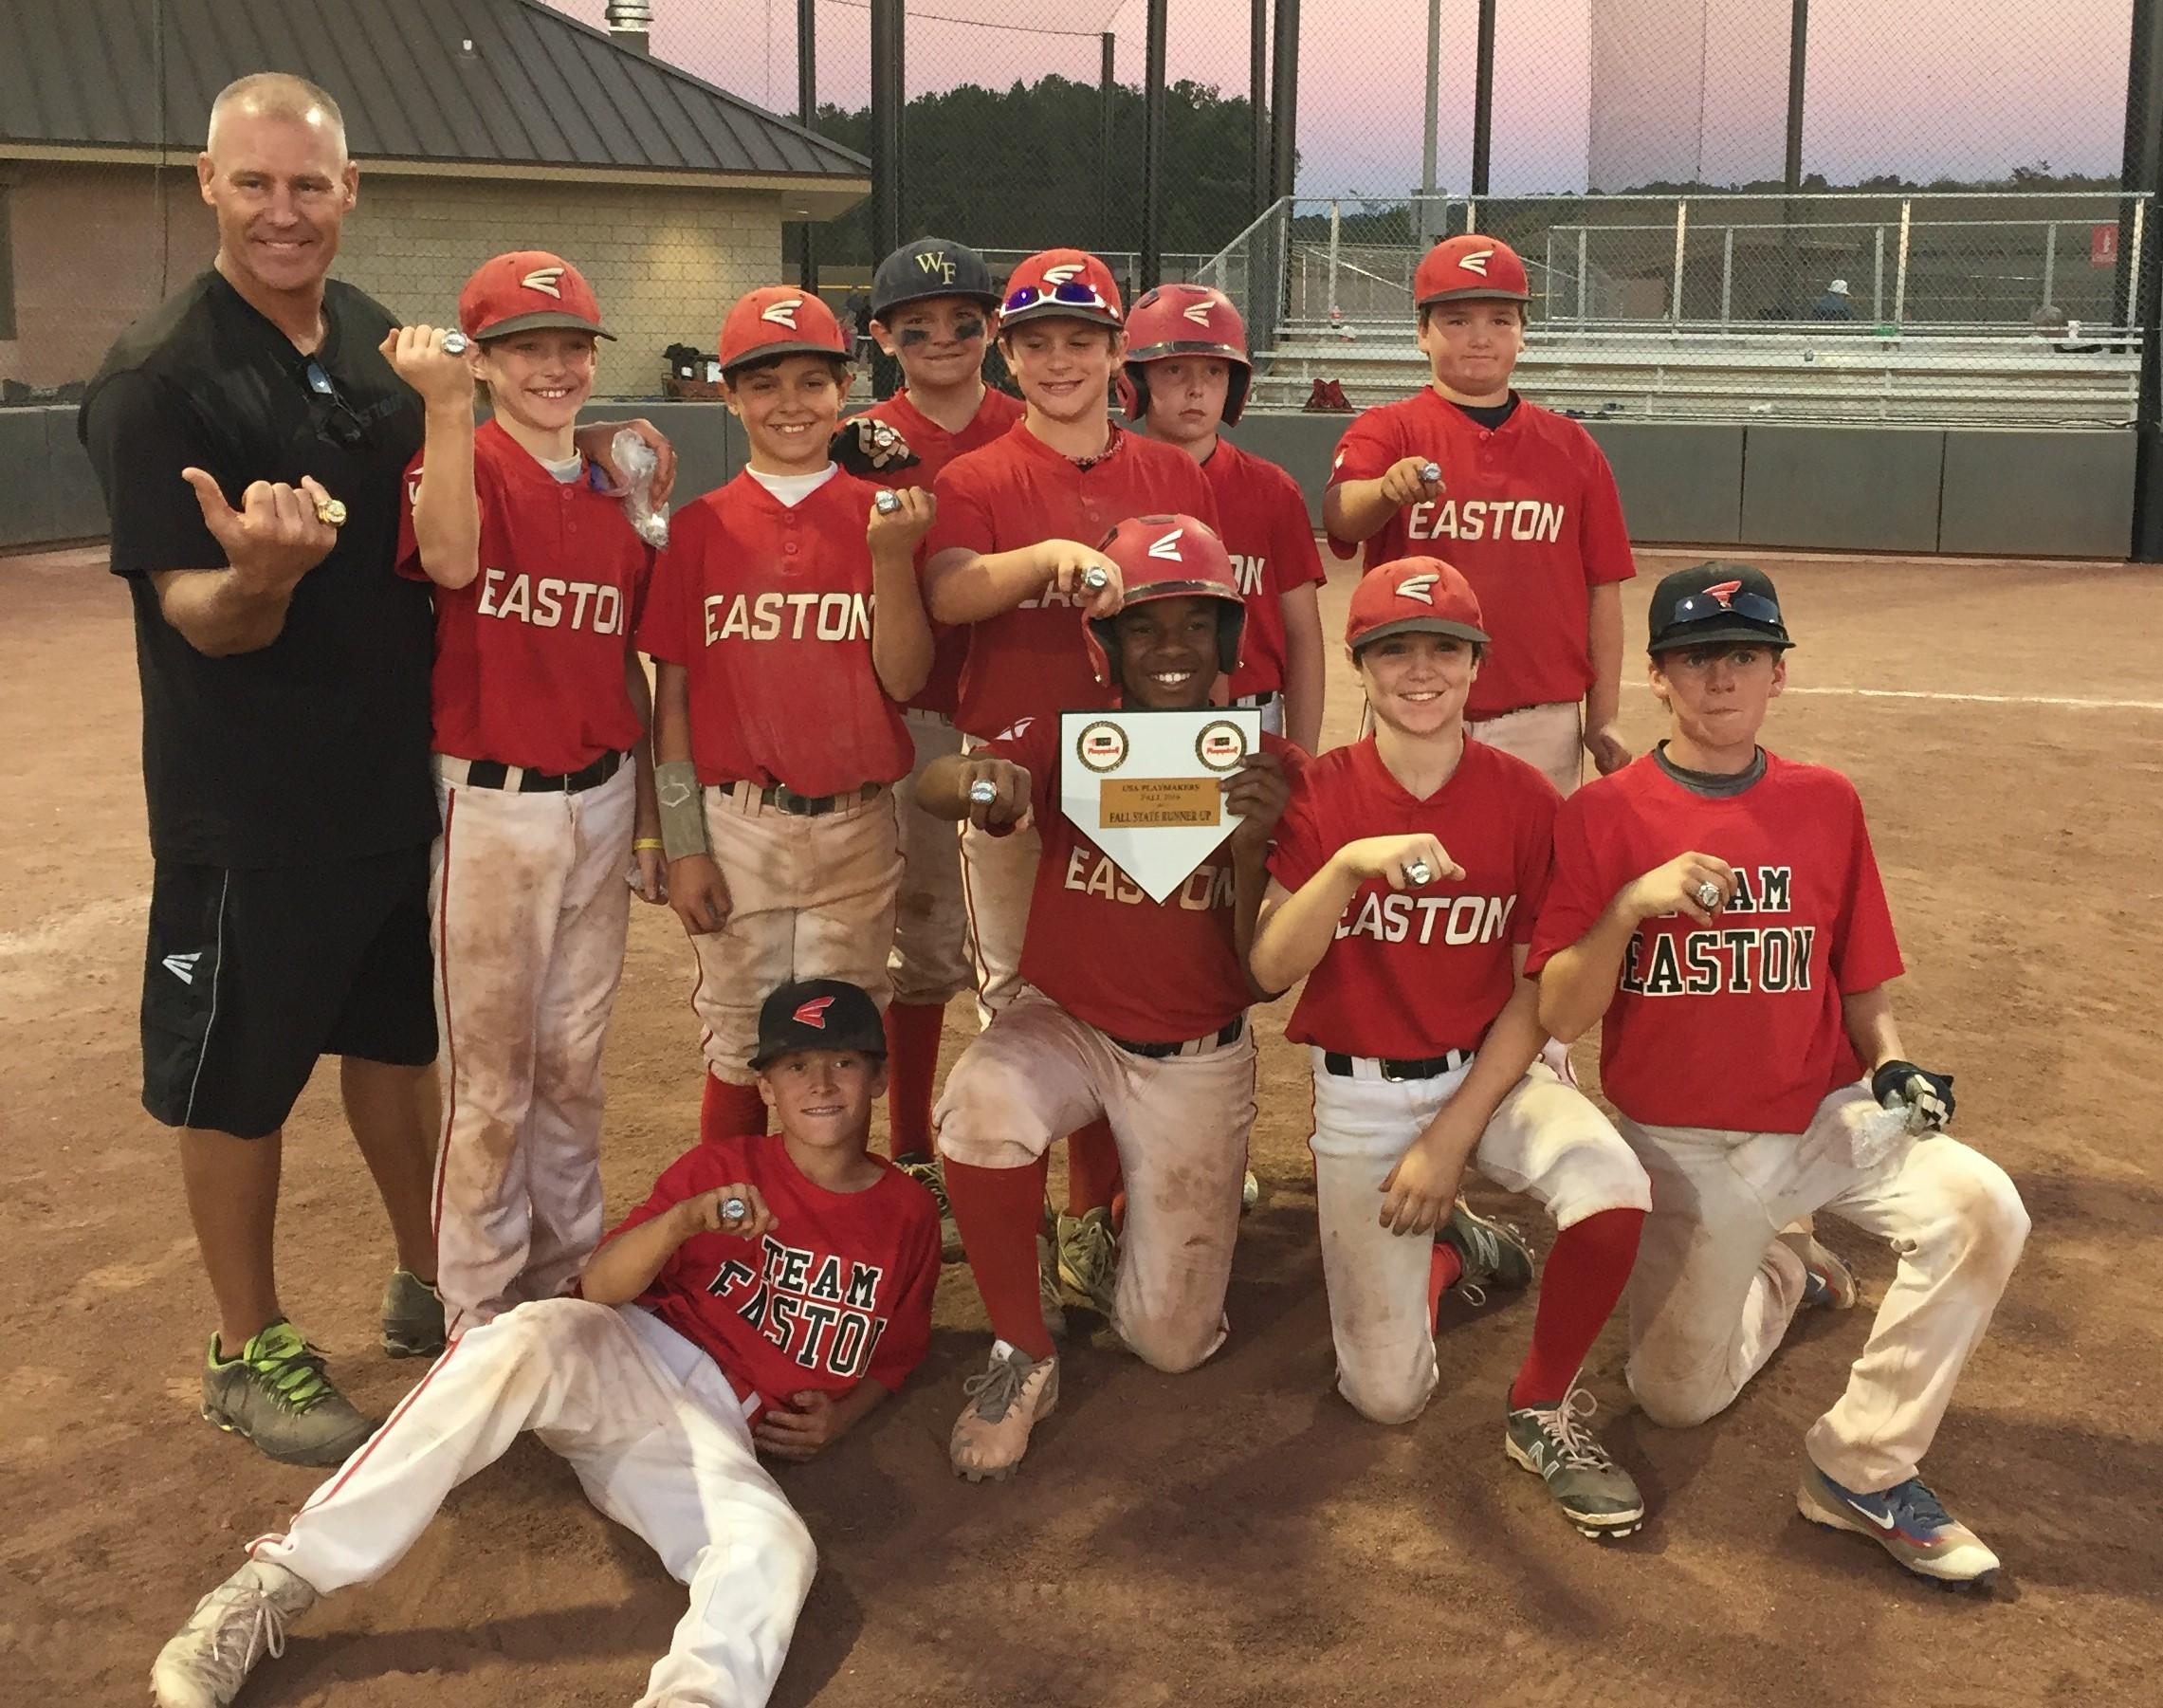 Team Easton 12U